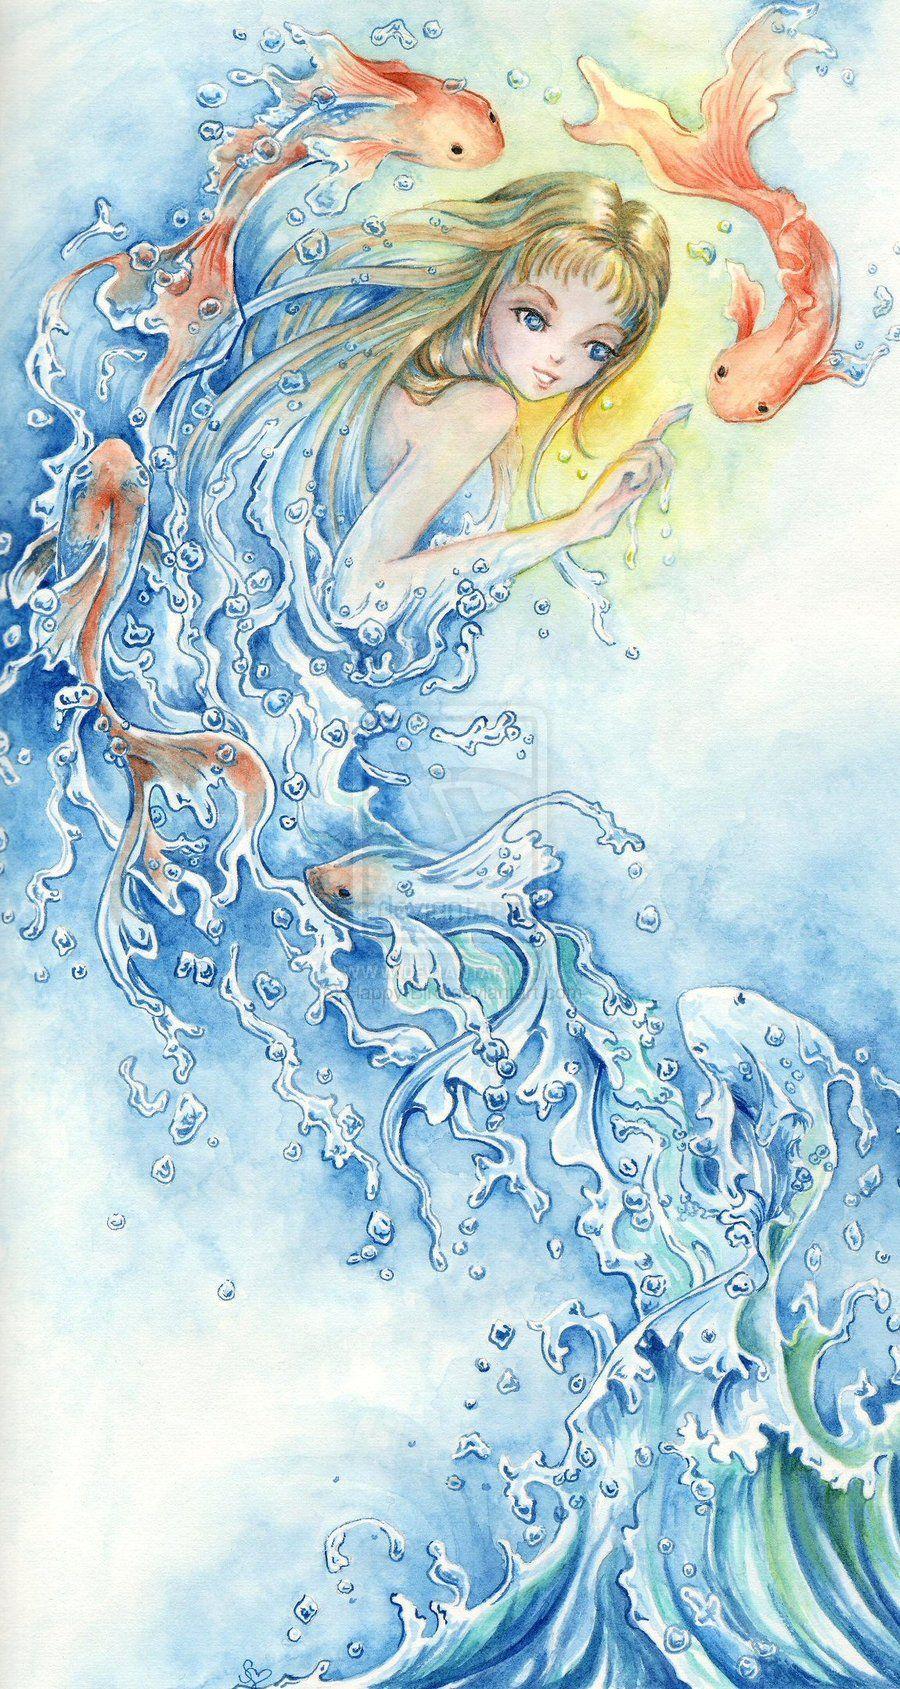 Water By ShannonValentine On DeviantART